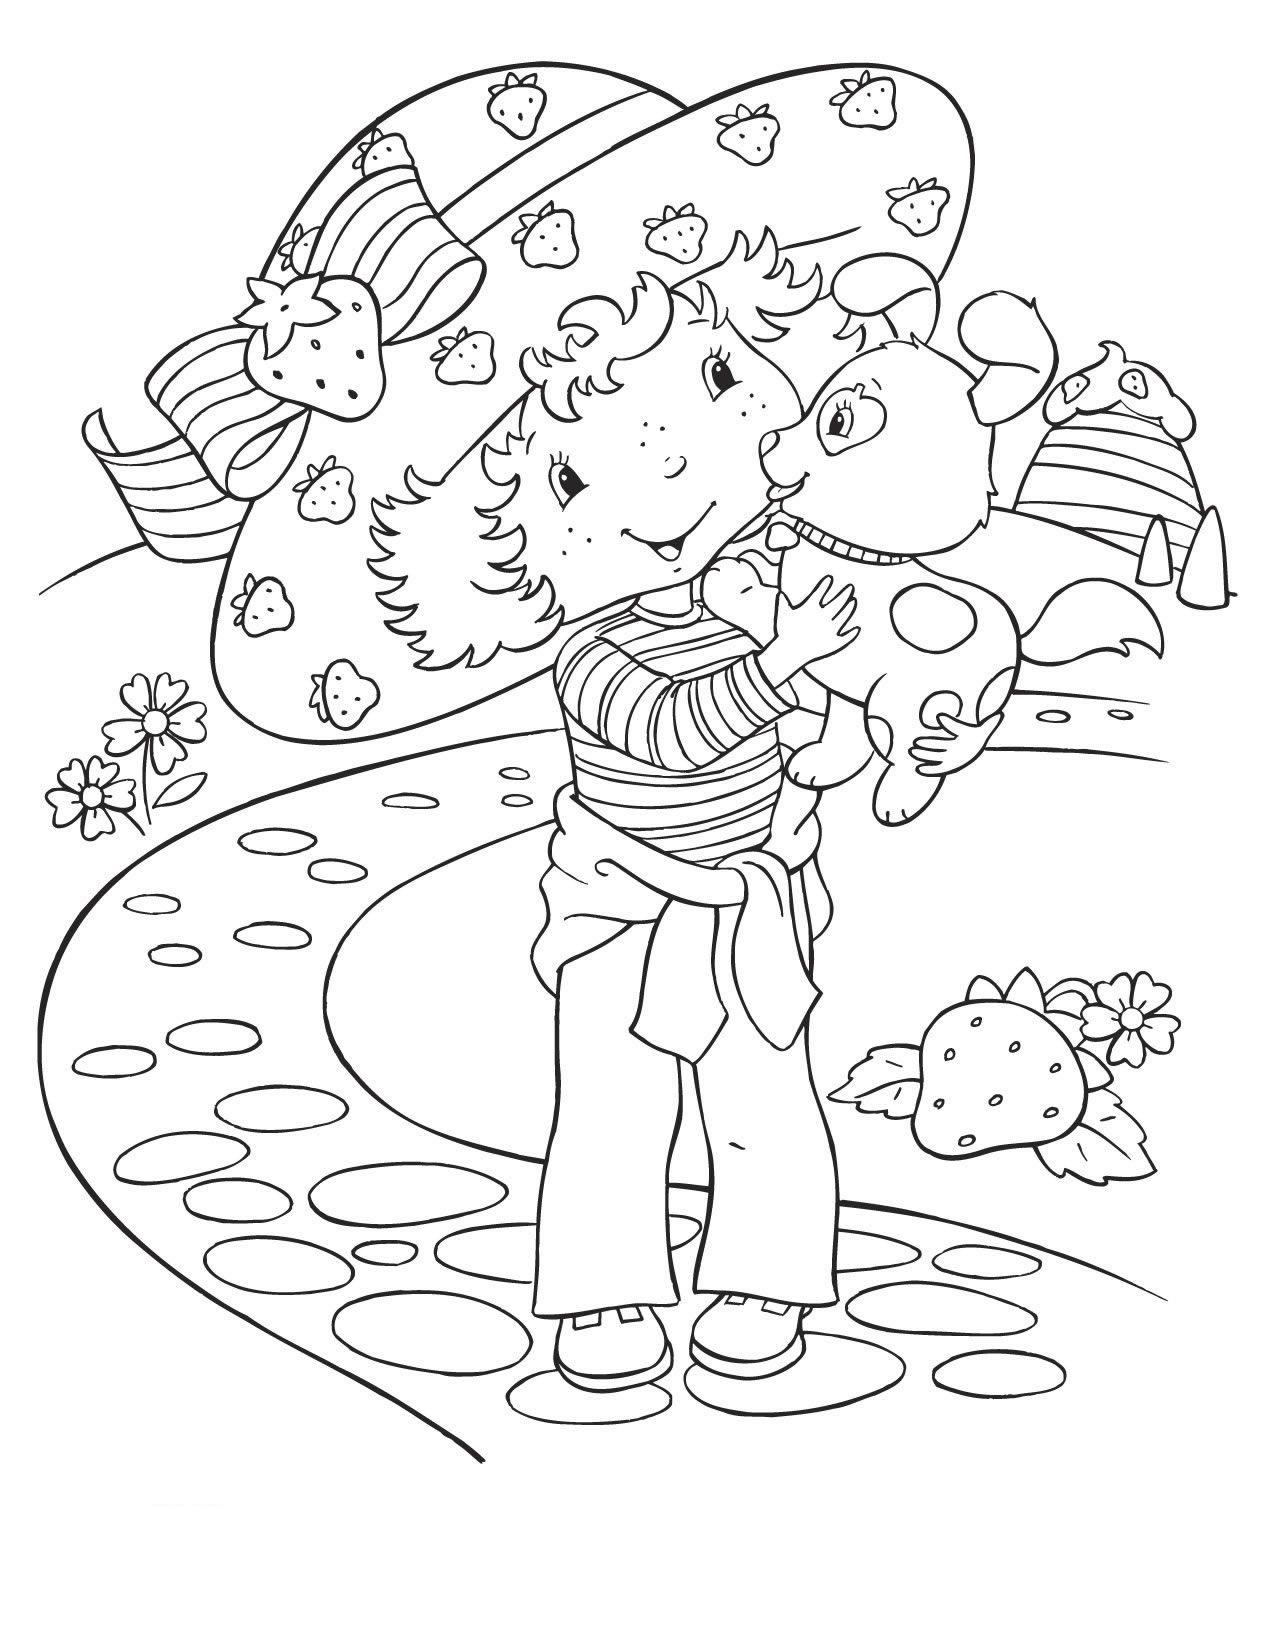 Coloriage Charlotte aux fraises gratuits  imprimer Nos 50 dessins  colorier de Charlotte aux fraises seront satisfaires les petits me les plus grands